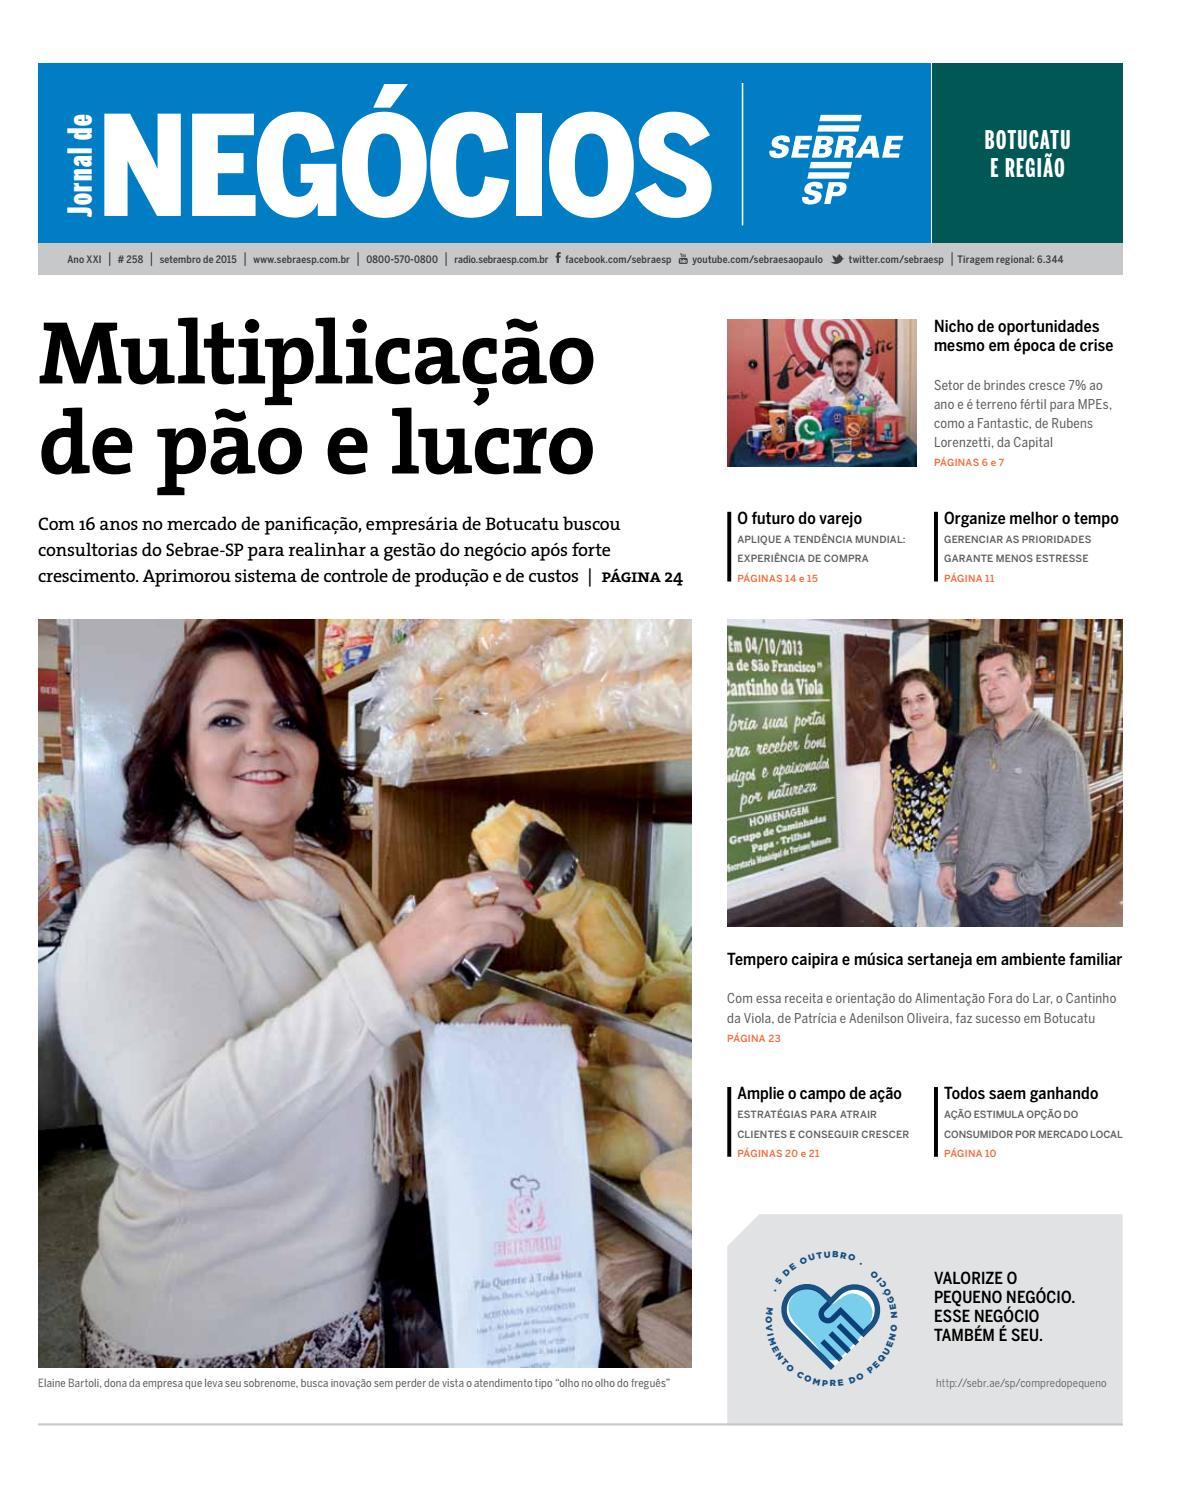 fe03893e5 Jornal de Negócios Sebrae-SP - 01 de setembro de 2015 - Botucatu e Região  by Sebrae-SP - issuu